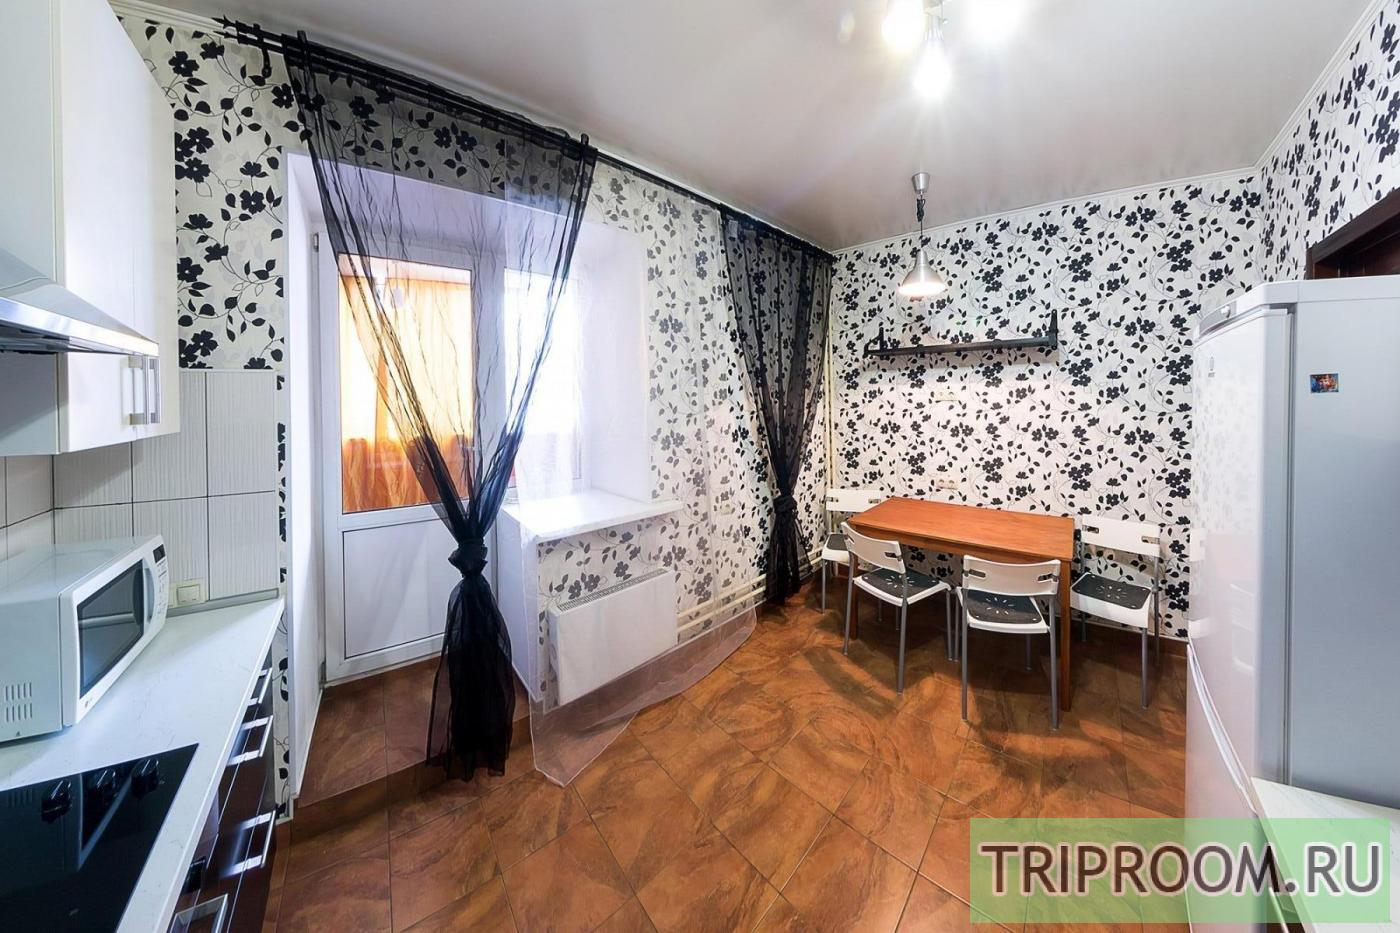 1-комнатная квартира посуточно (вариант № 33969), ул. Серафимовича улица, фото № 2